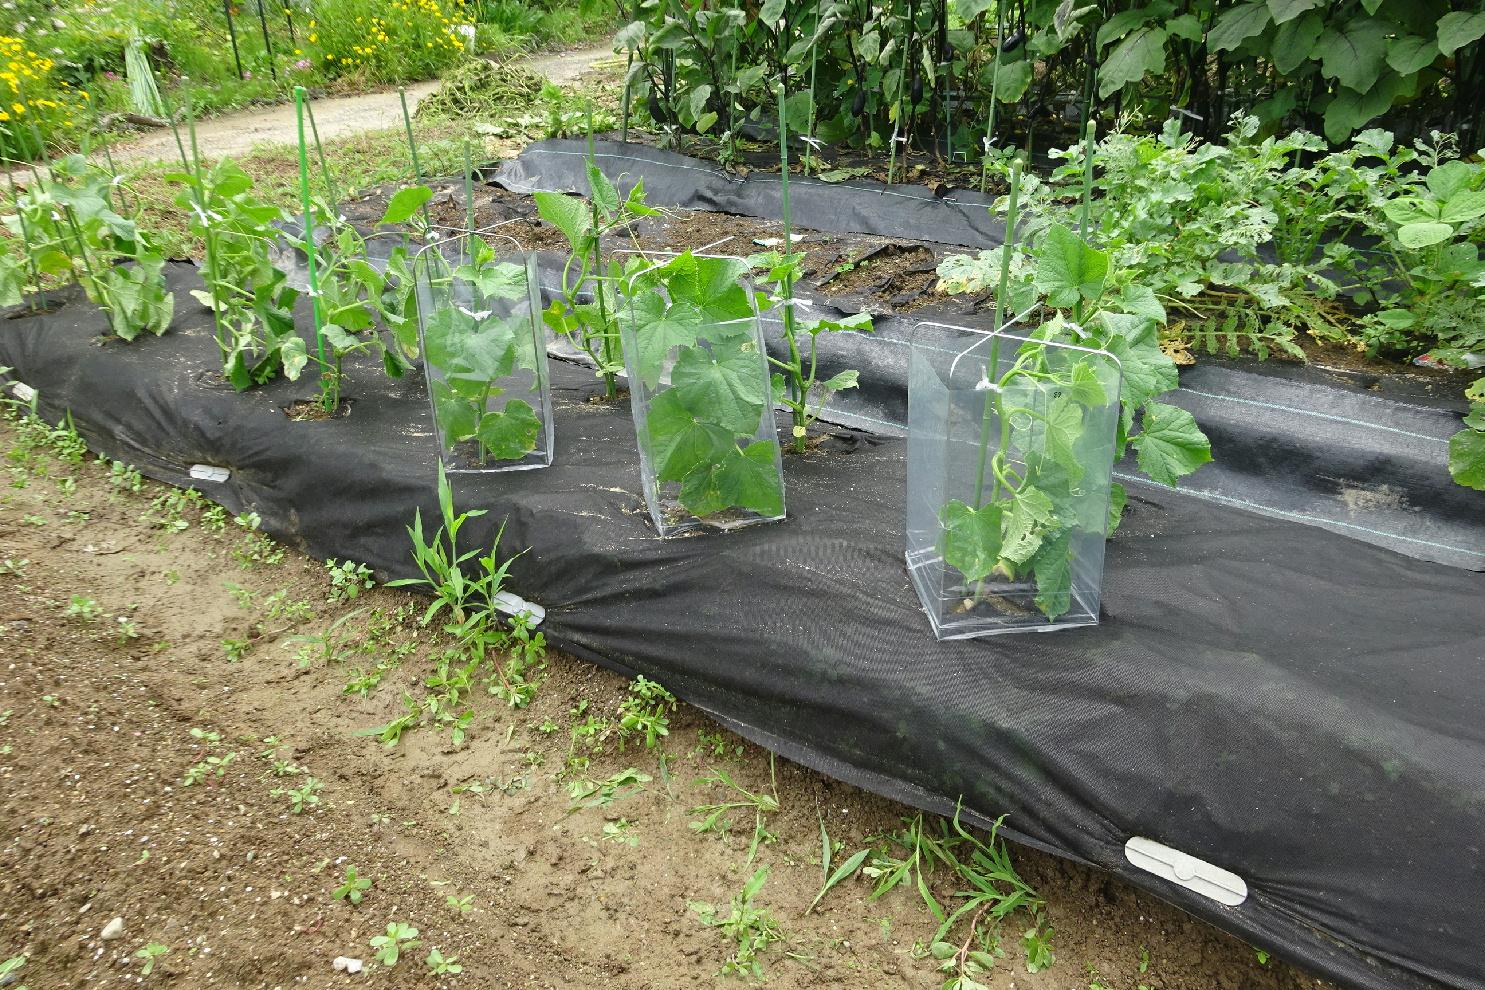 http://gr-garden.com/seedling-cover-image1.jpg